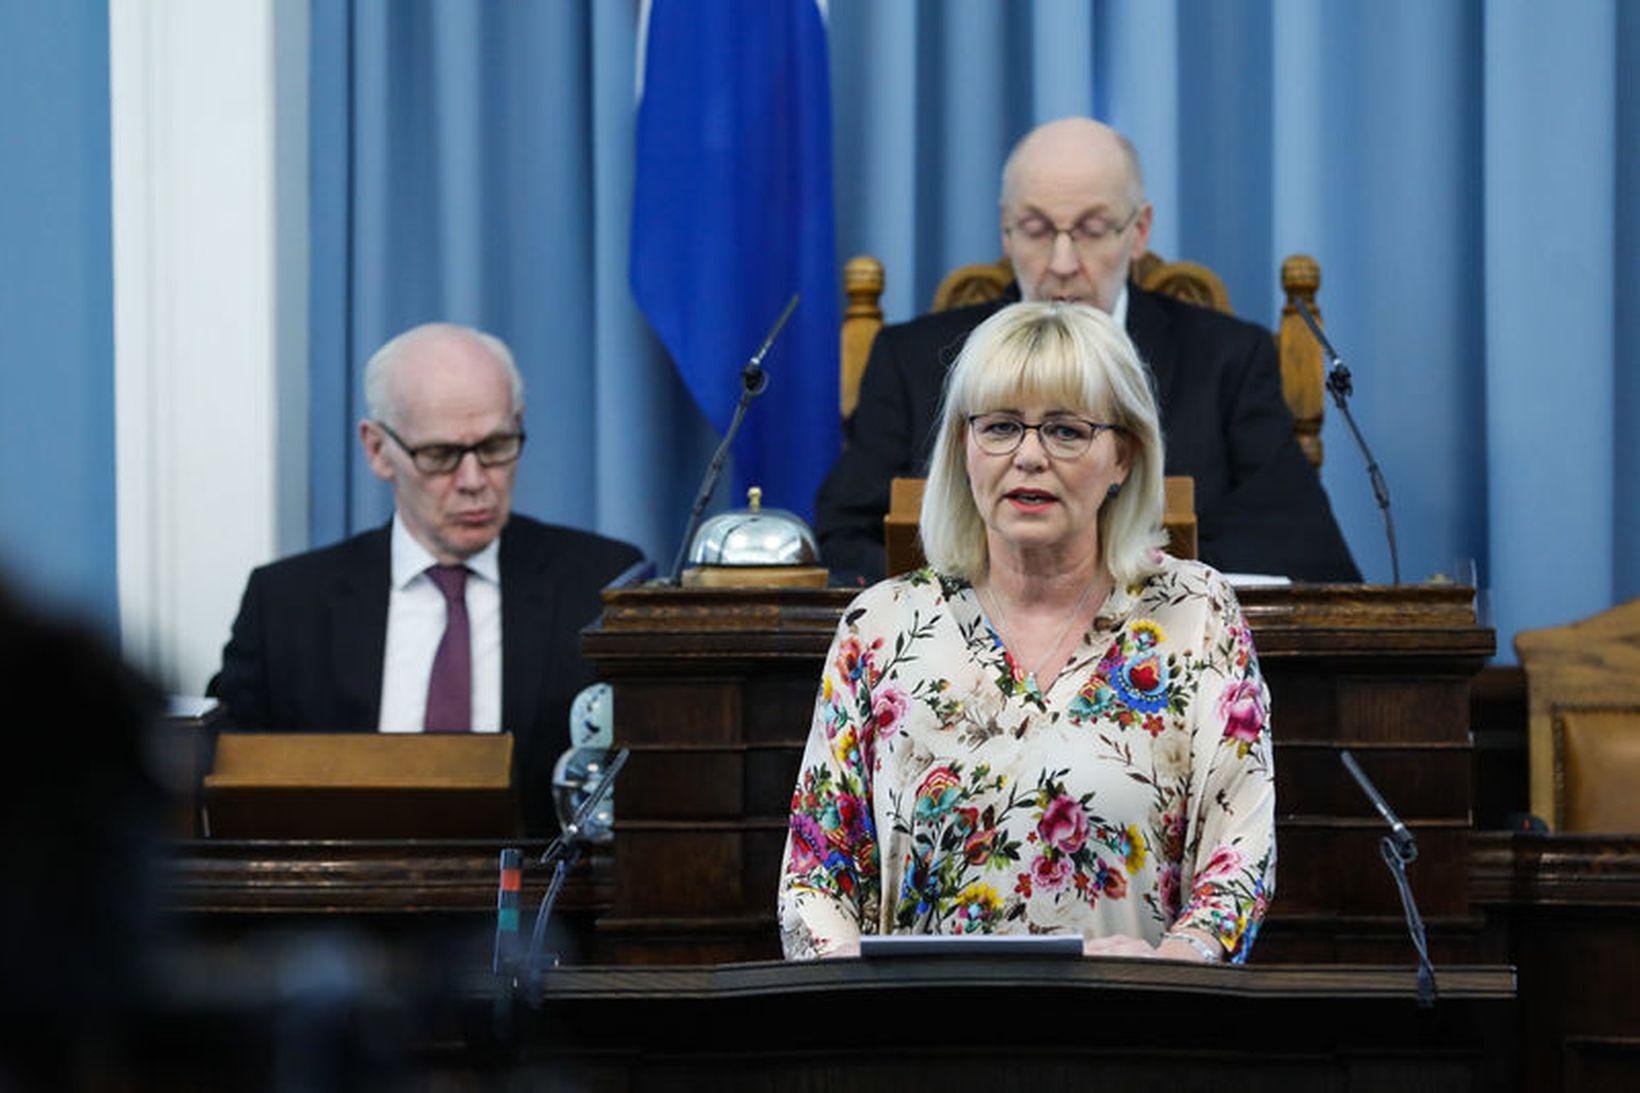 Málið snertir Oddnýju persónulega en móðir hennar greindist með brjóstakrabbamein …